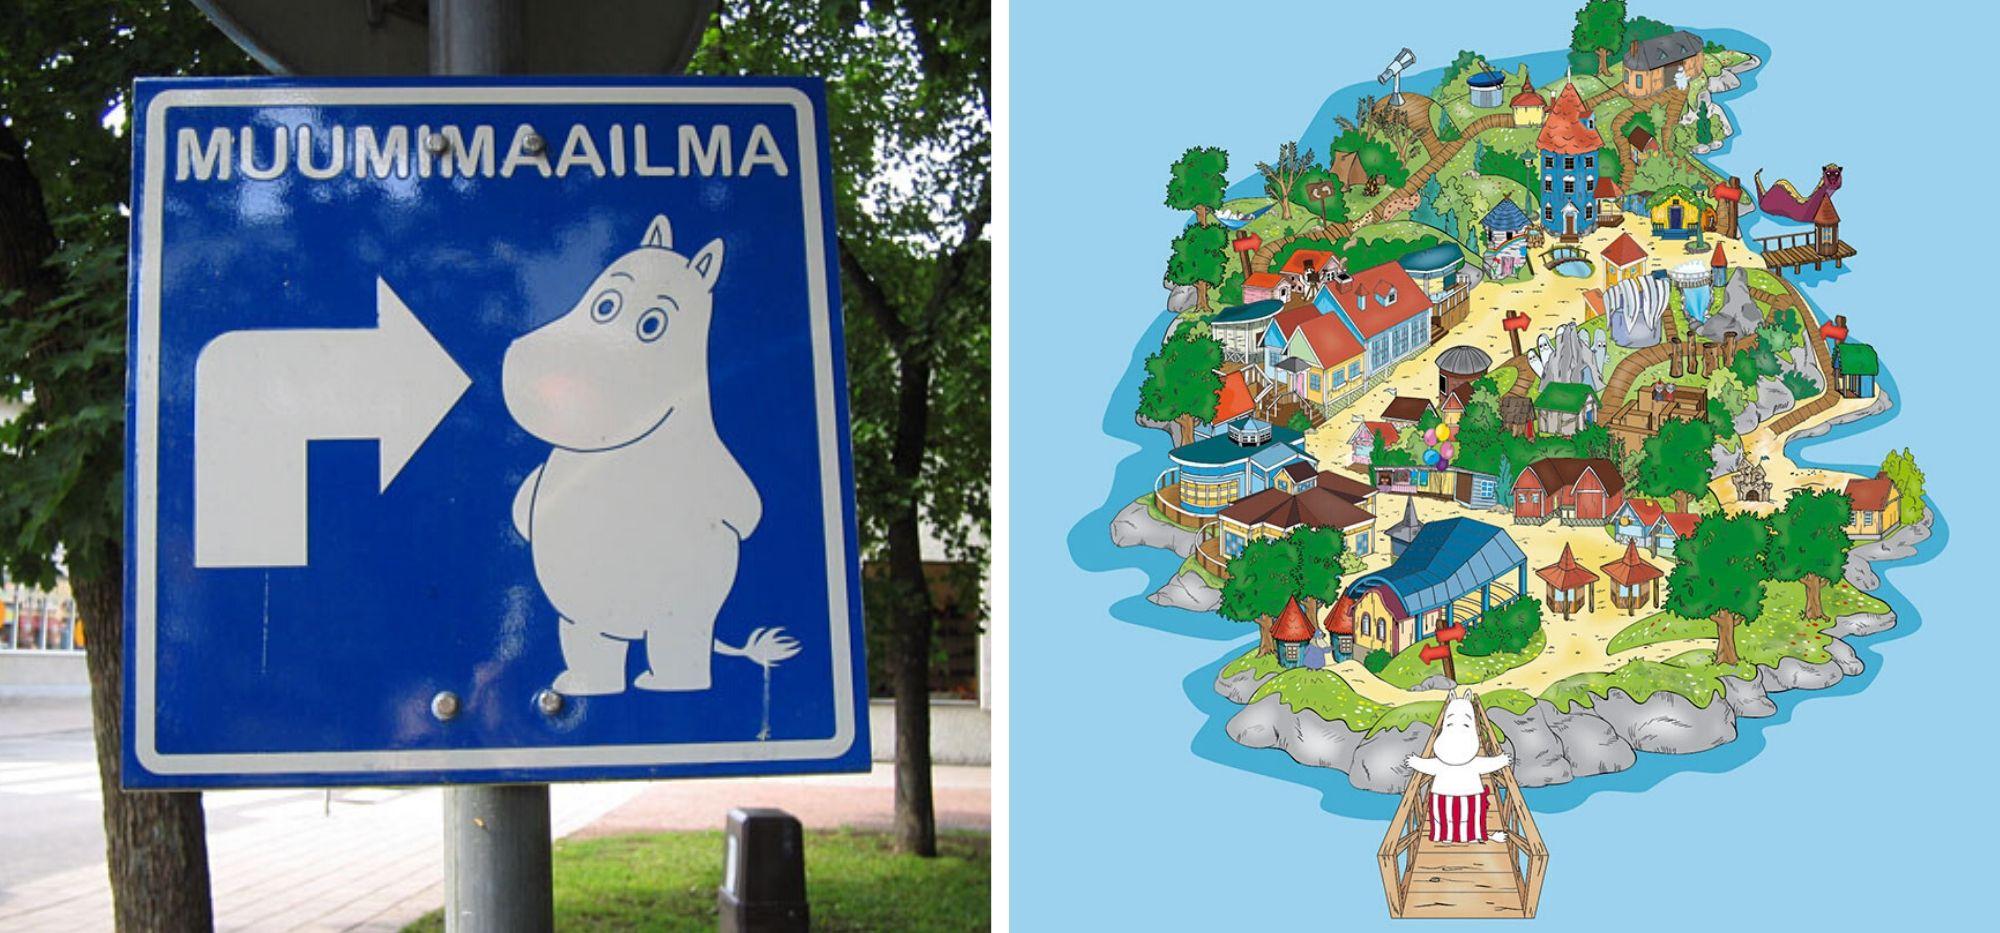 Finlandia - Świat Muminków - drogowskaz i mapa